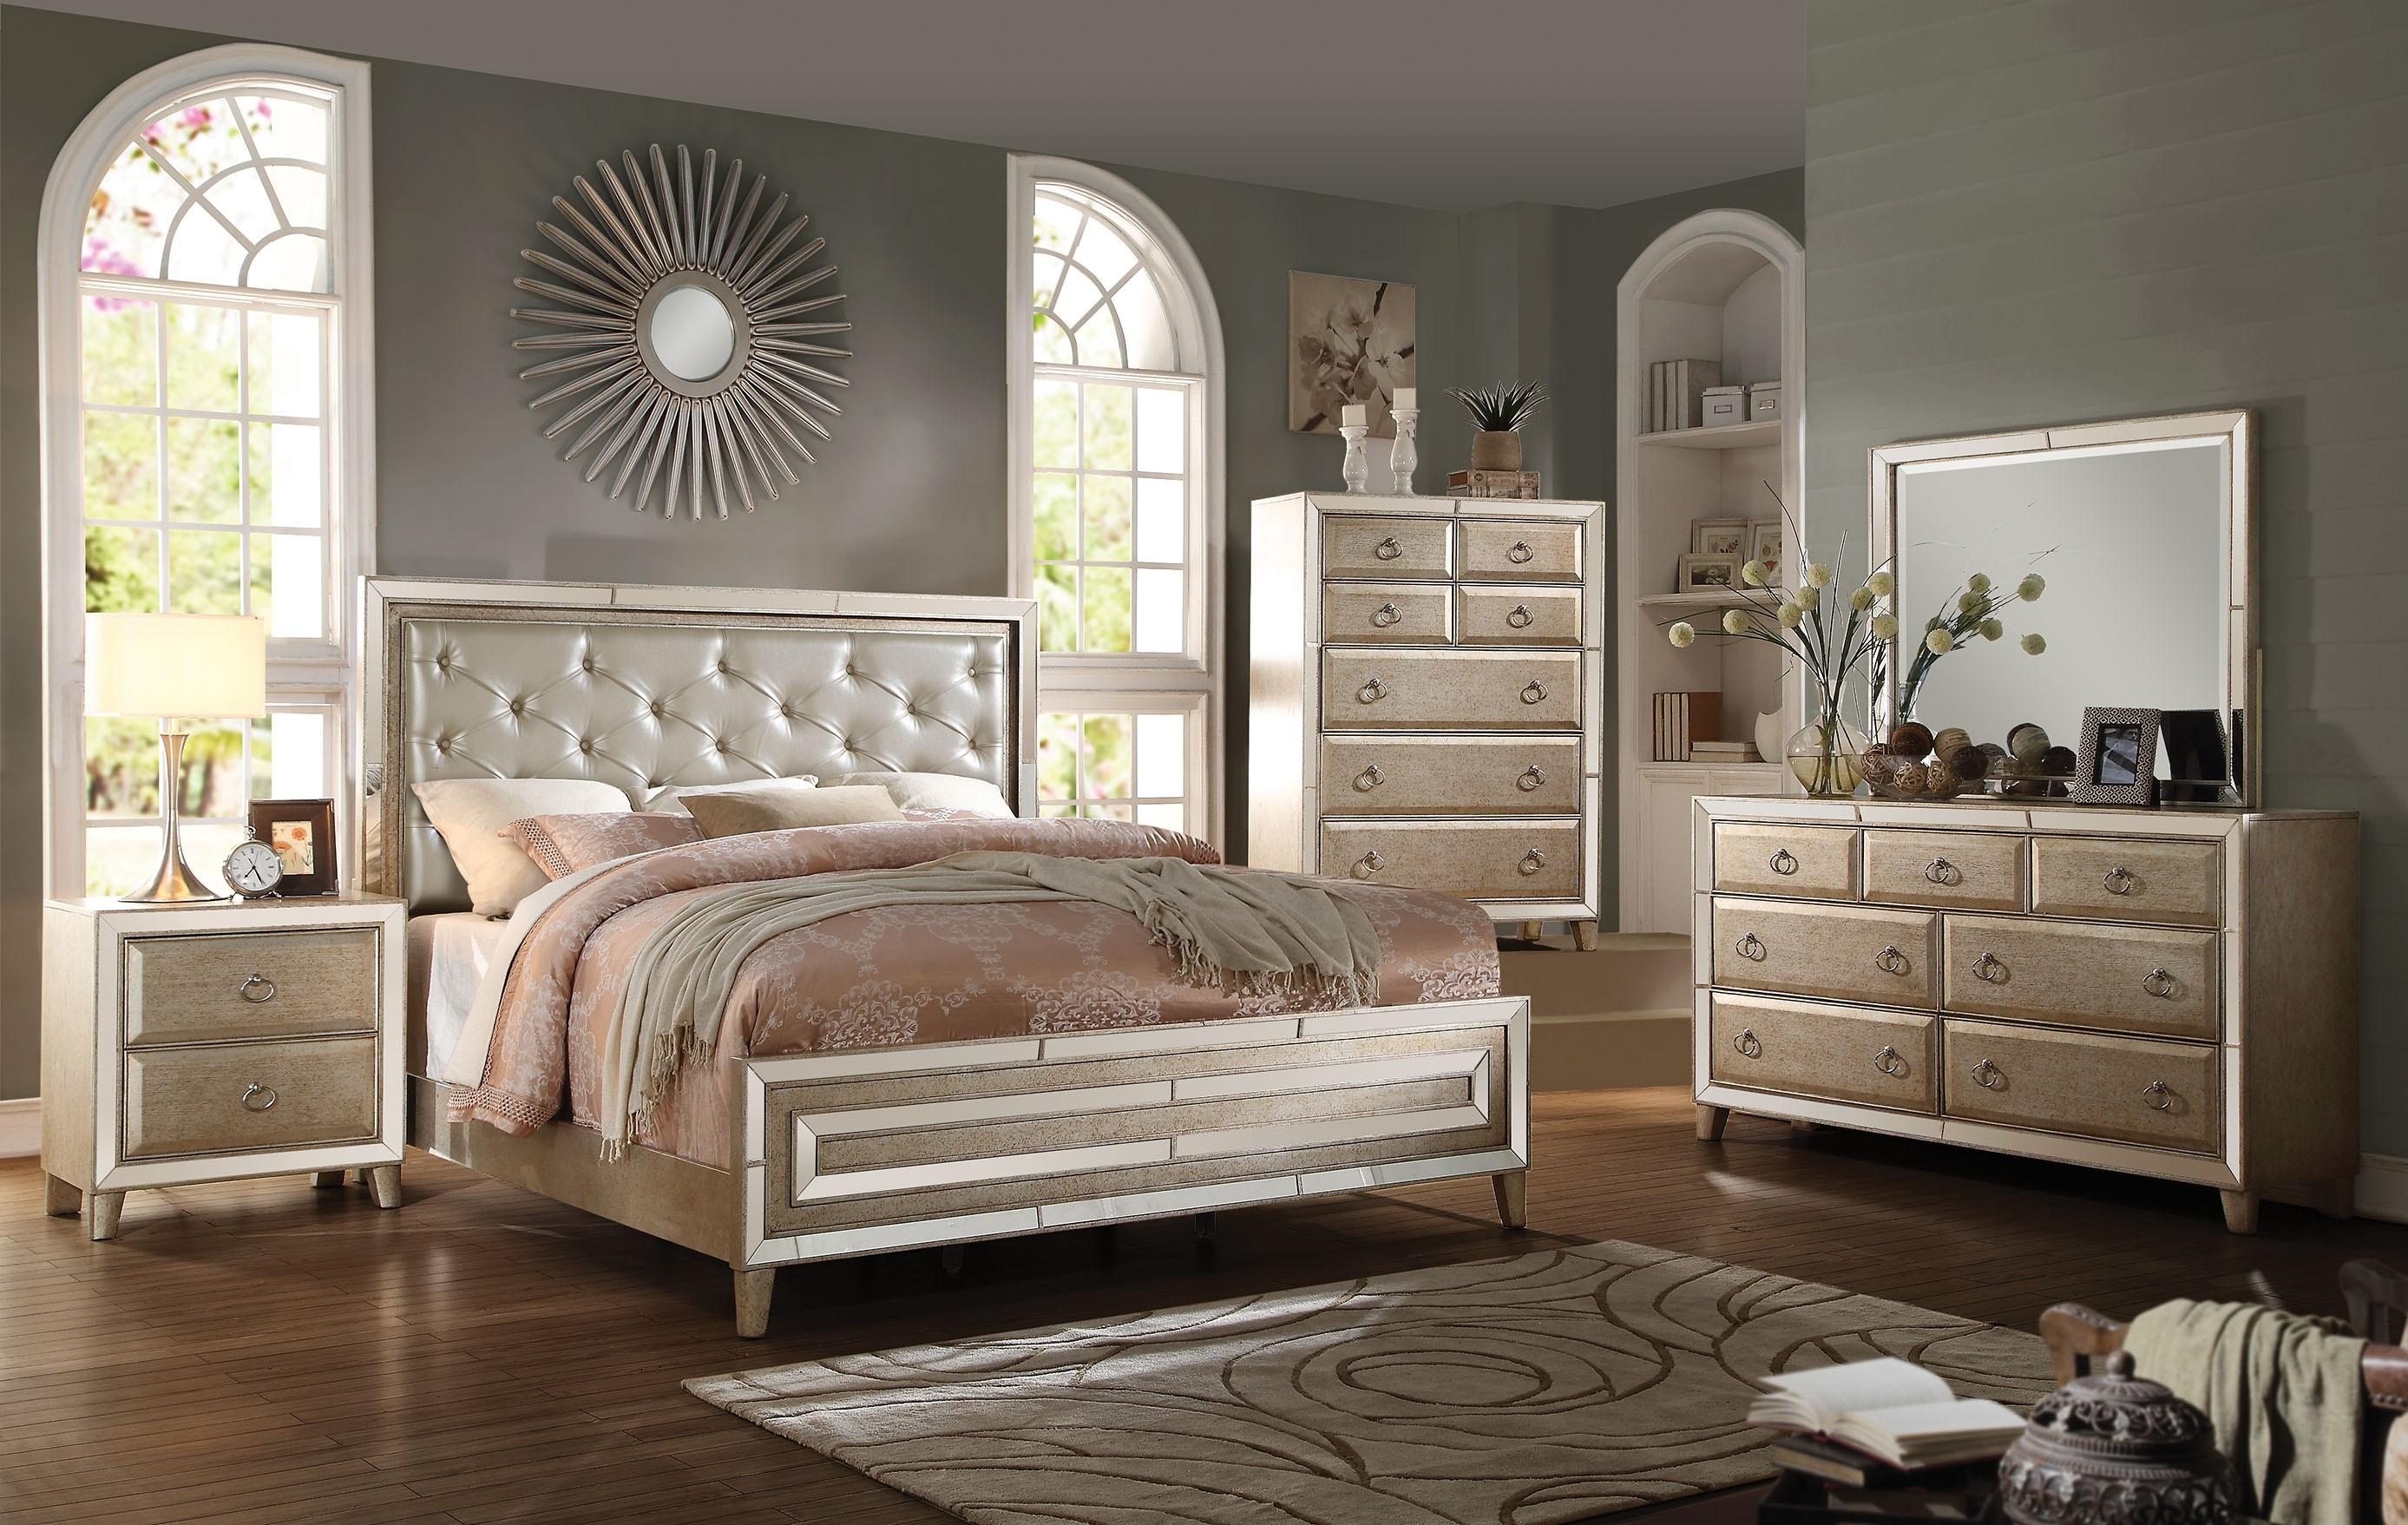 بالصور غرف نوم كلاسيك , الاستيل الكلاسيكي لغرف النوم 2265 1